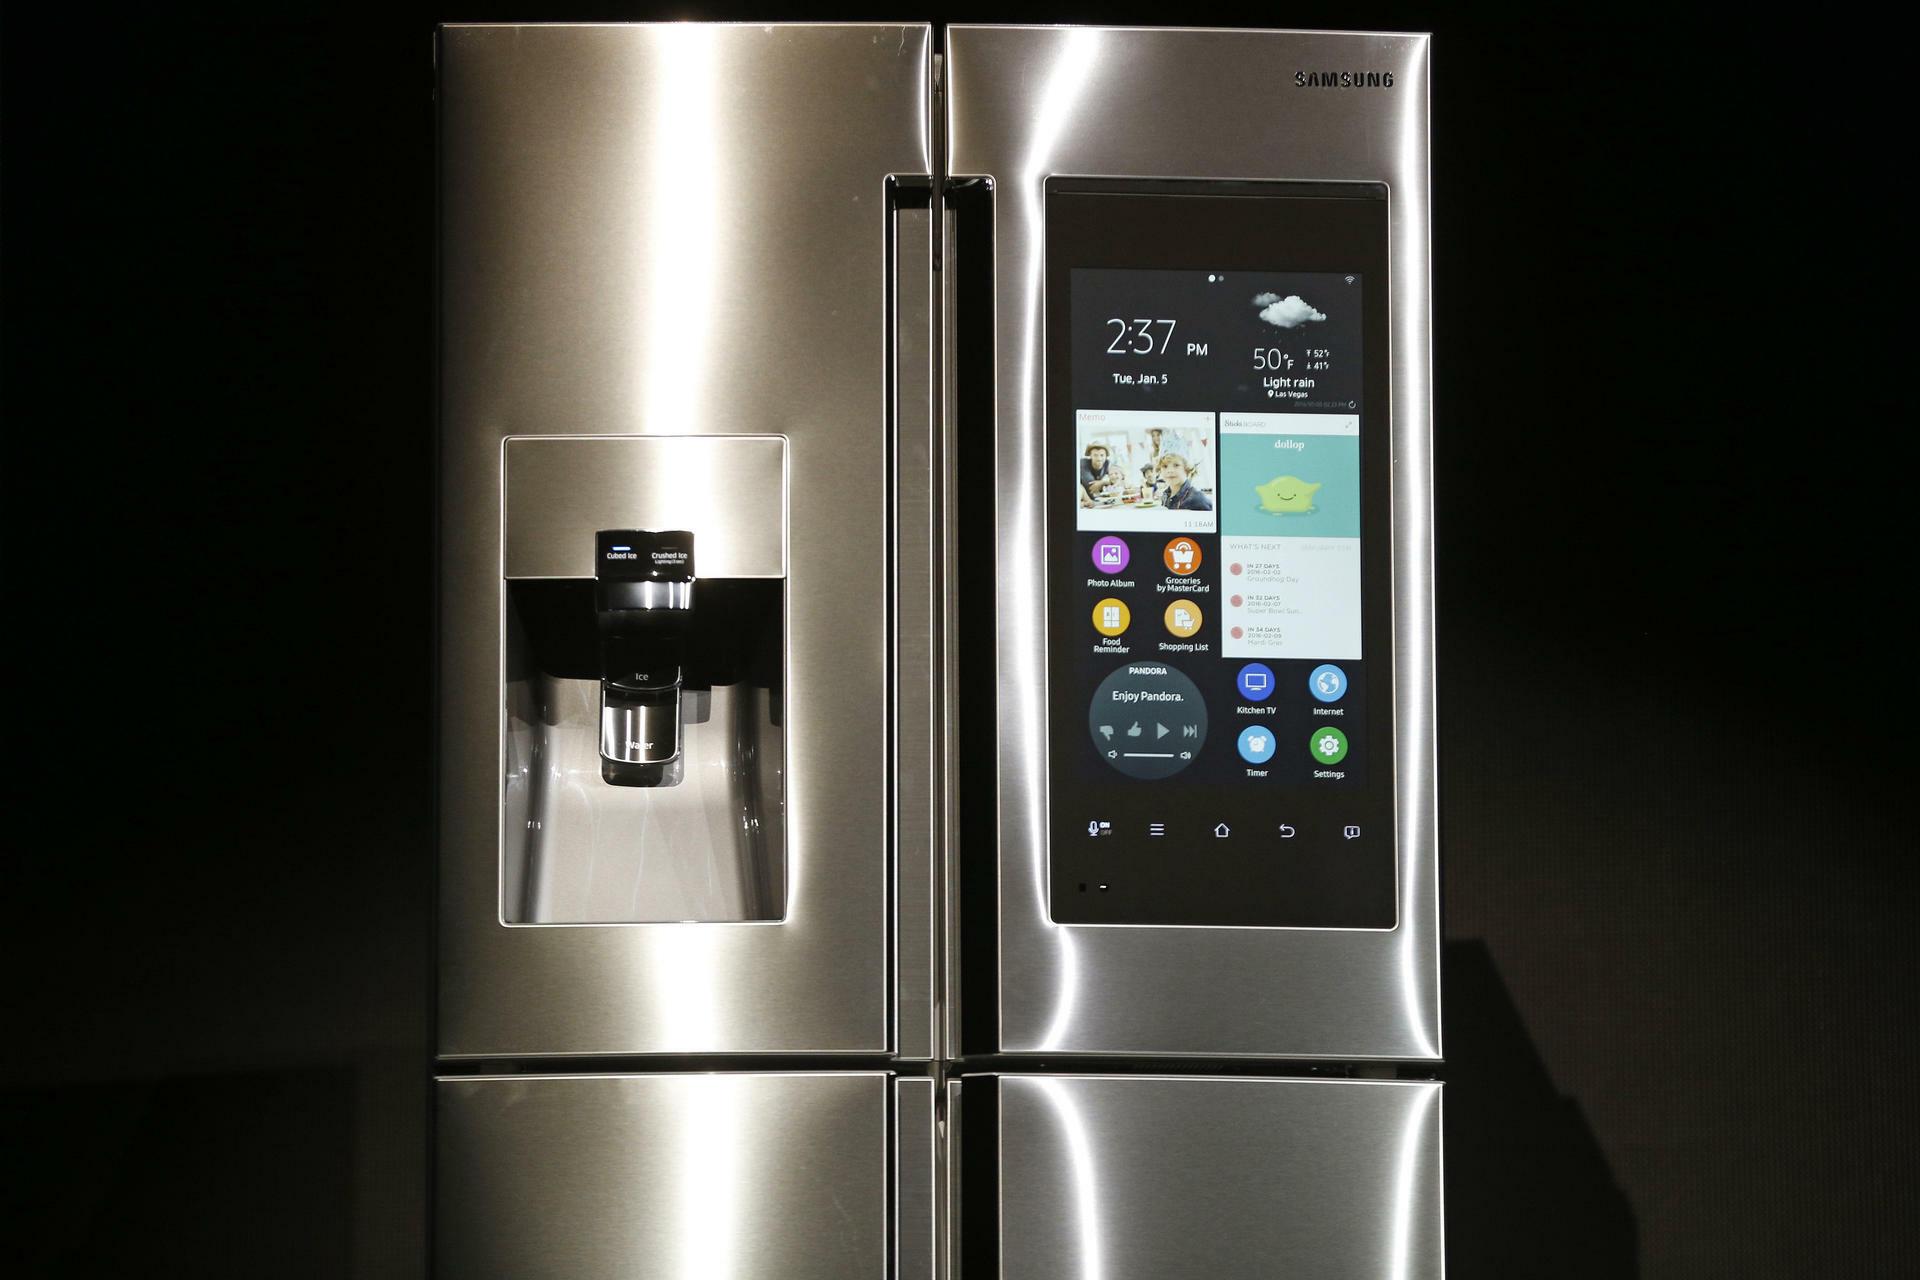 Samsung Family Hub: Mit diesem Kühlschrank kann eingekauft werden